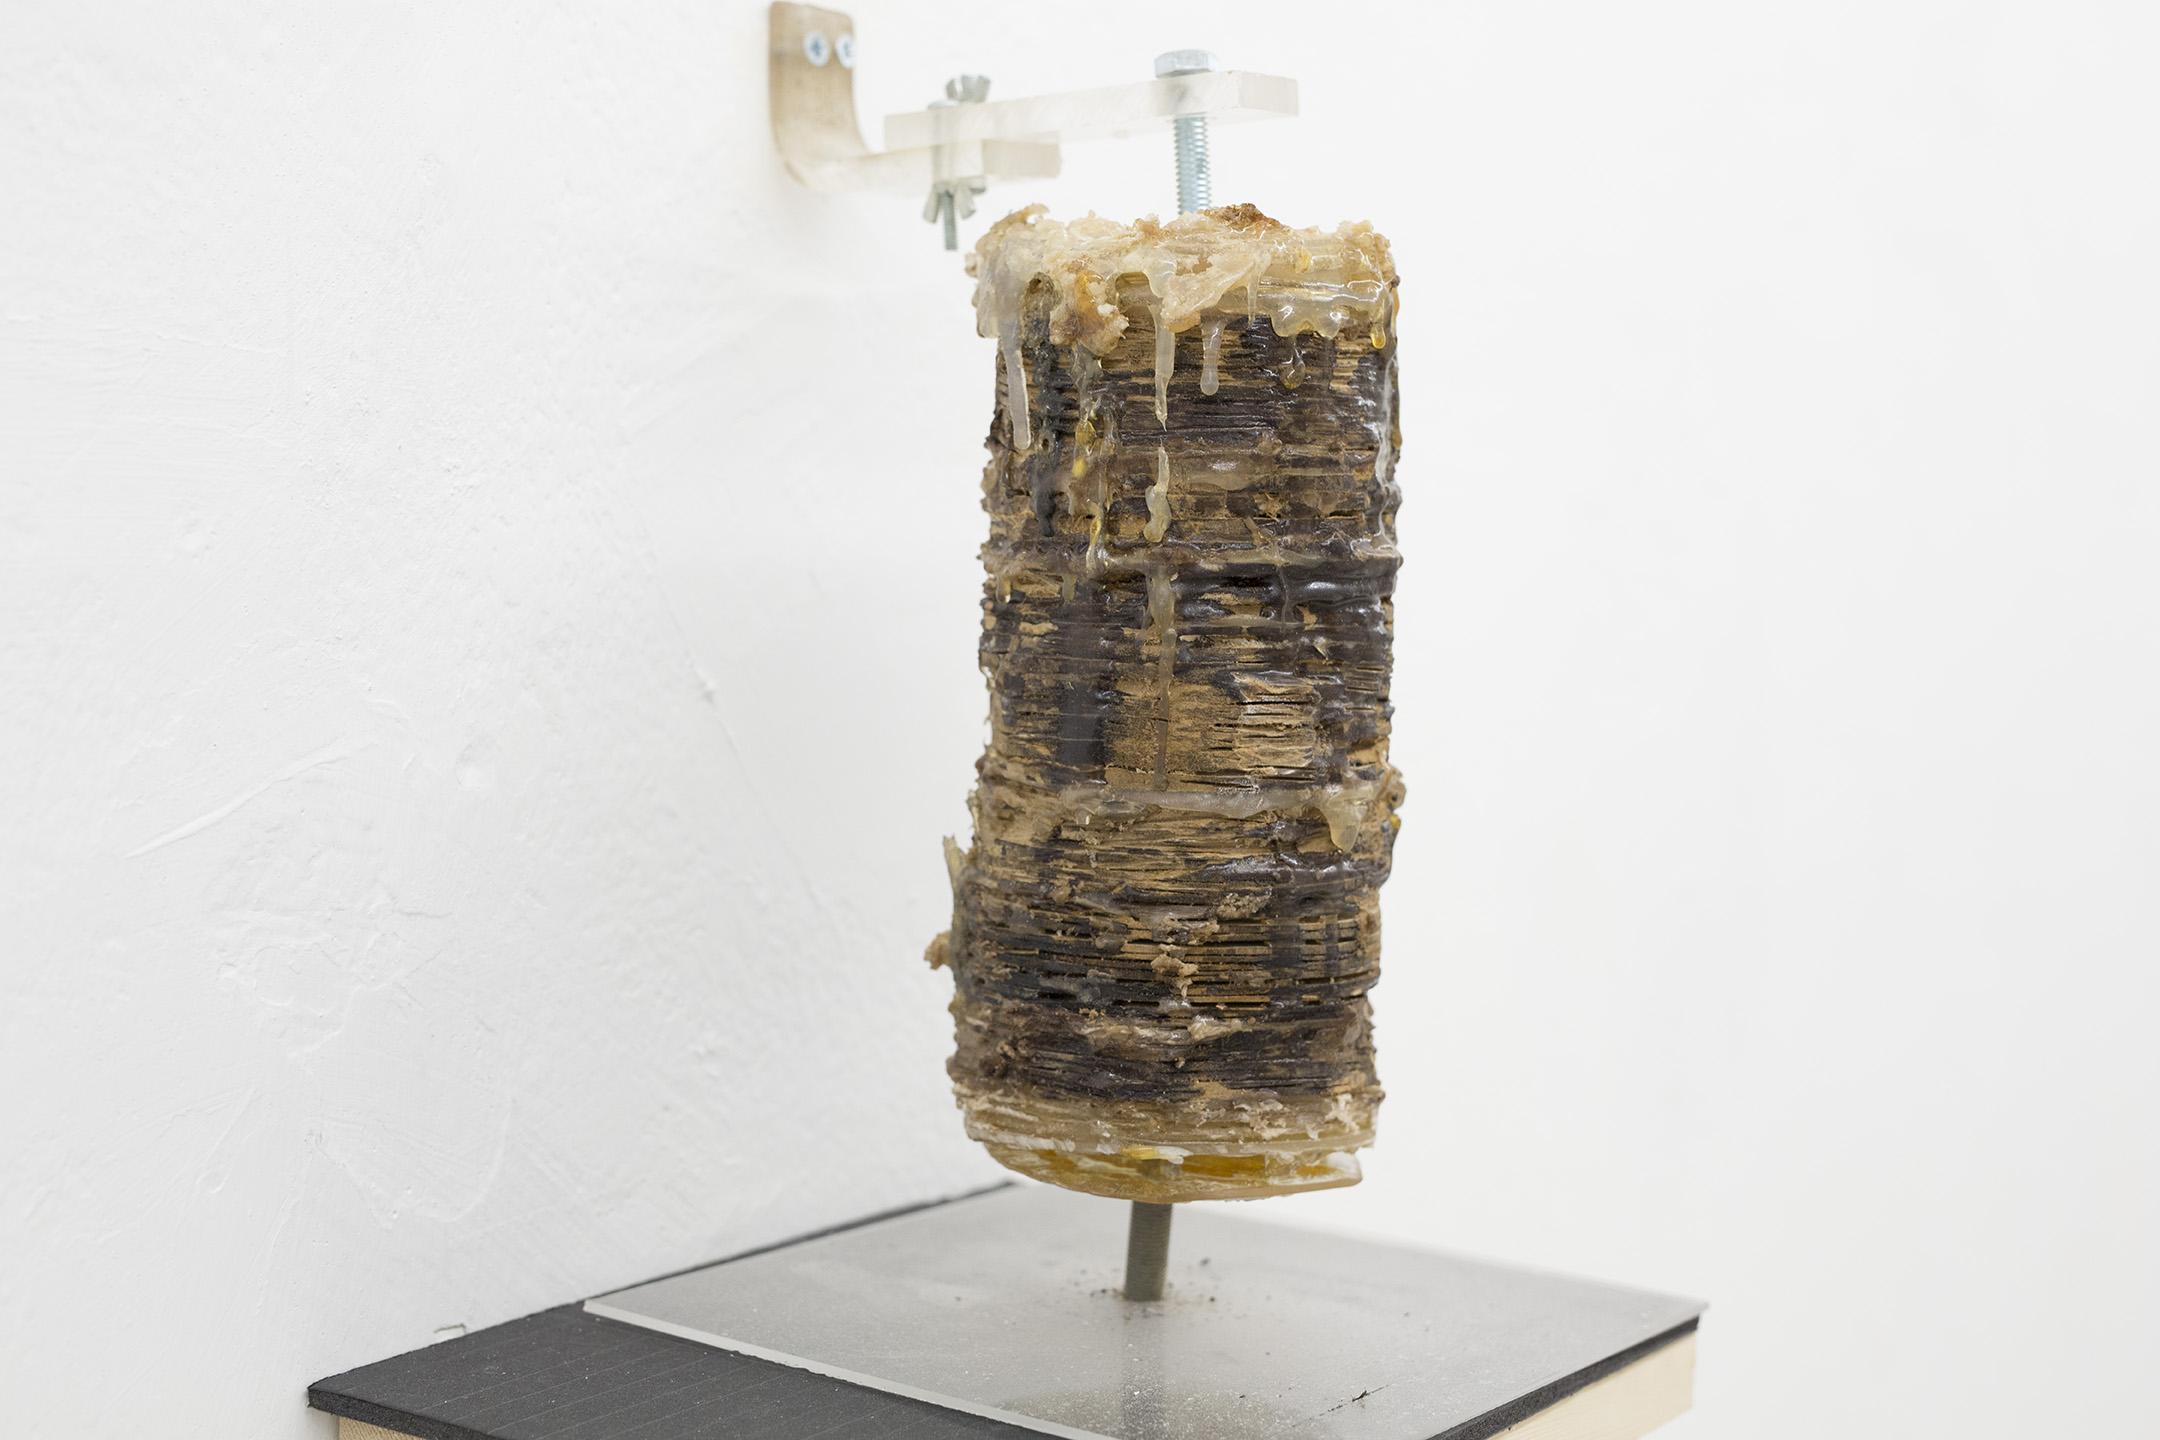 שווארמה 2 (2012), עץ דבק חם ופוליאסטר